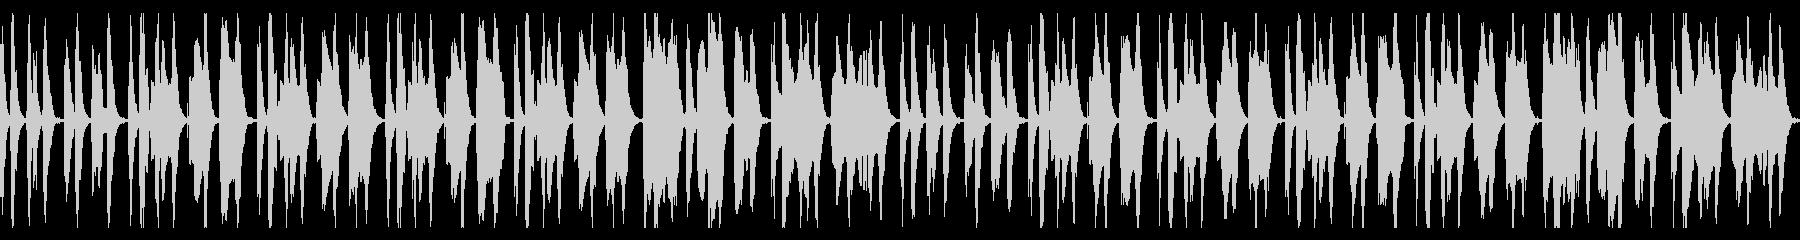 優しい・朗らか・のほほんとしたループ曲の未再生の波形